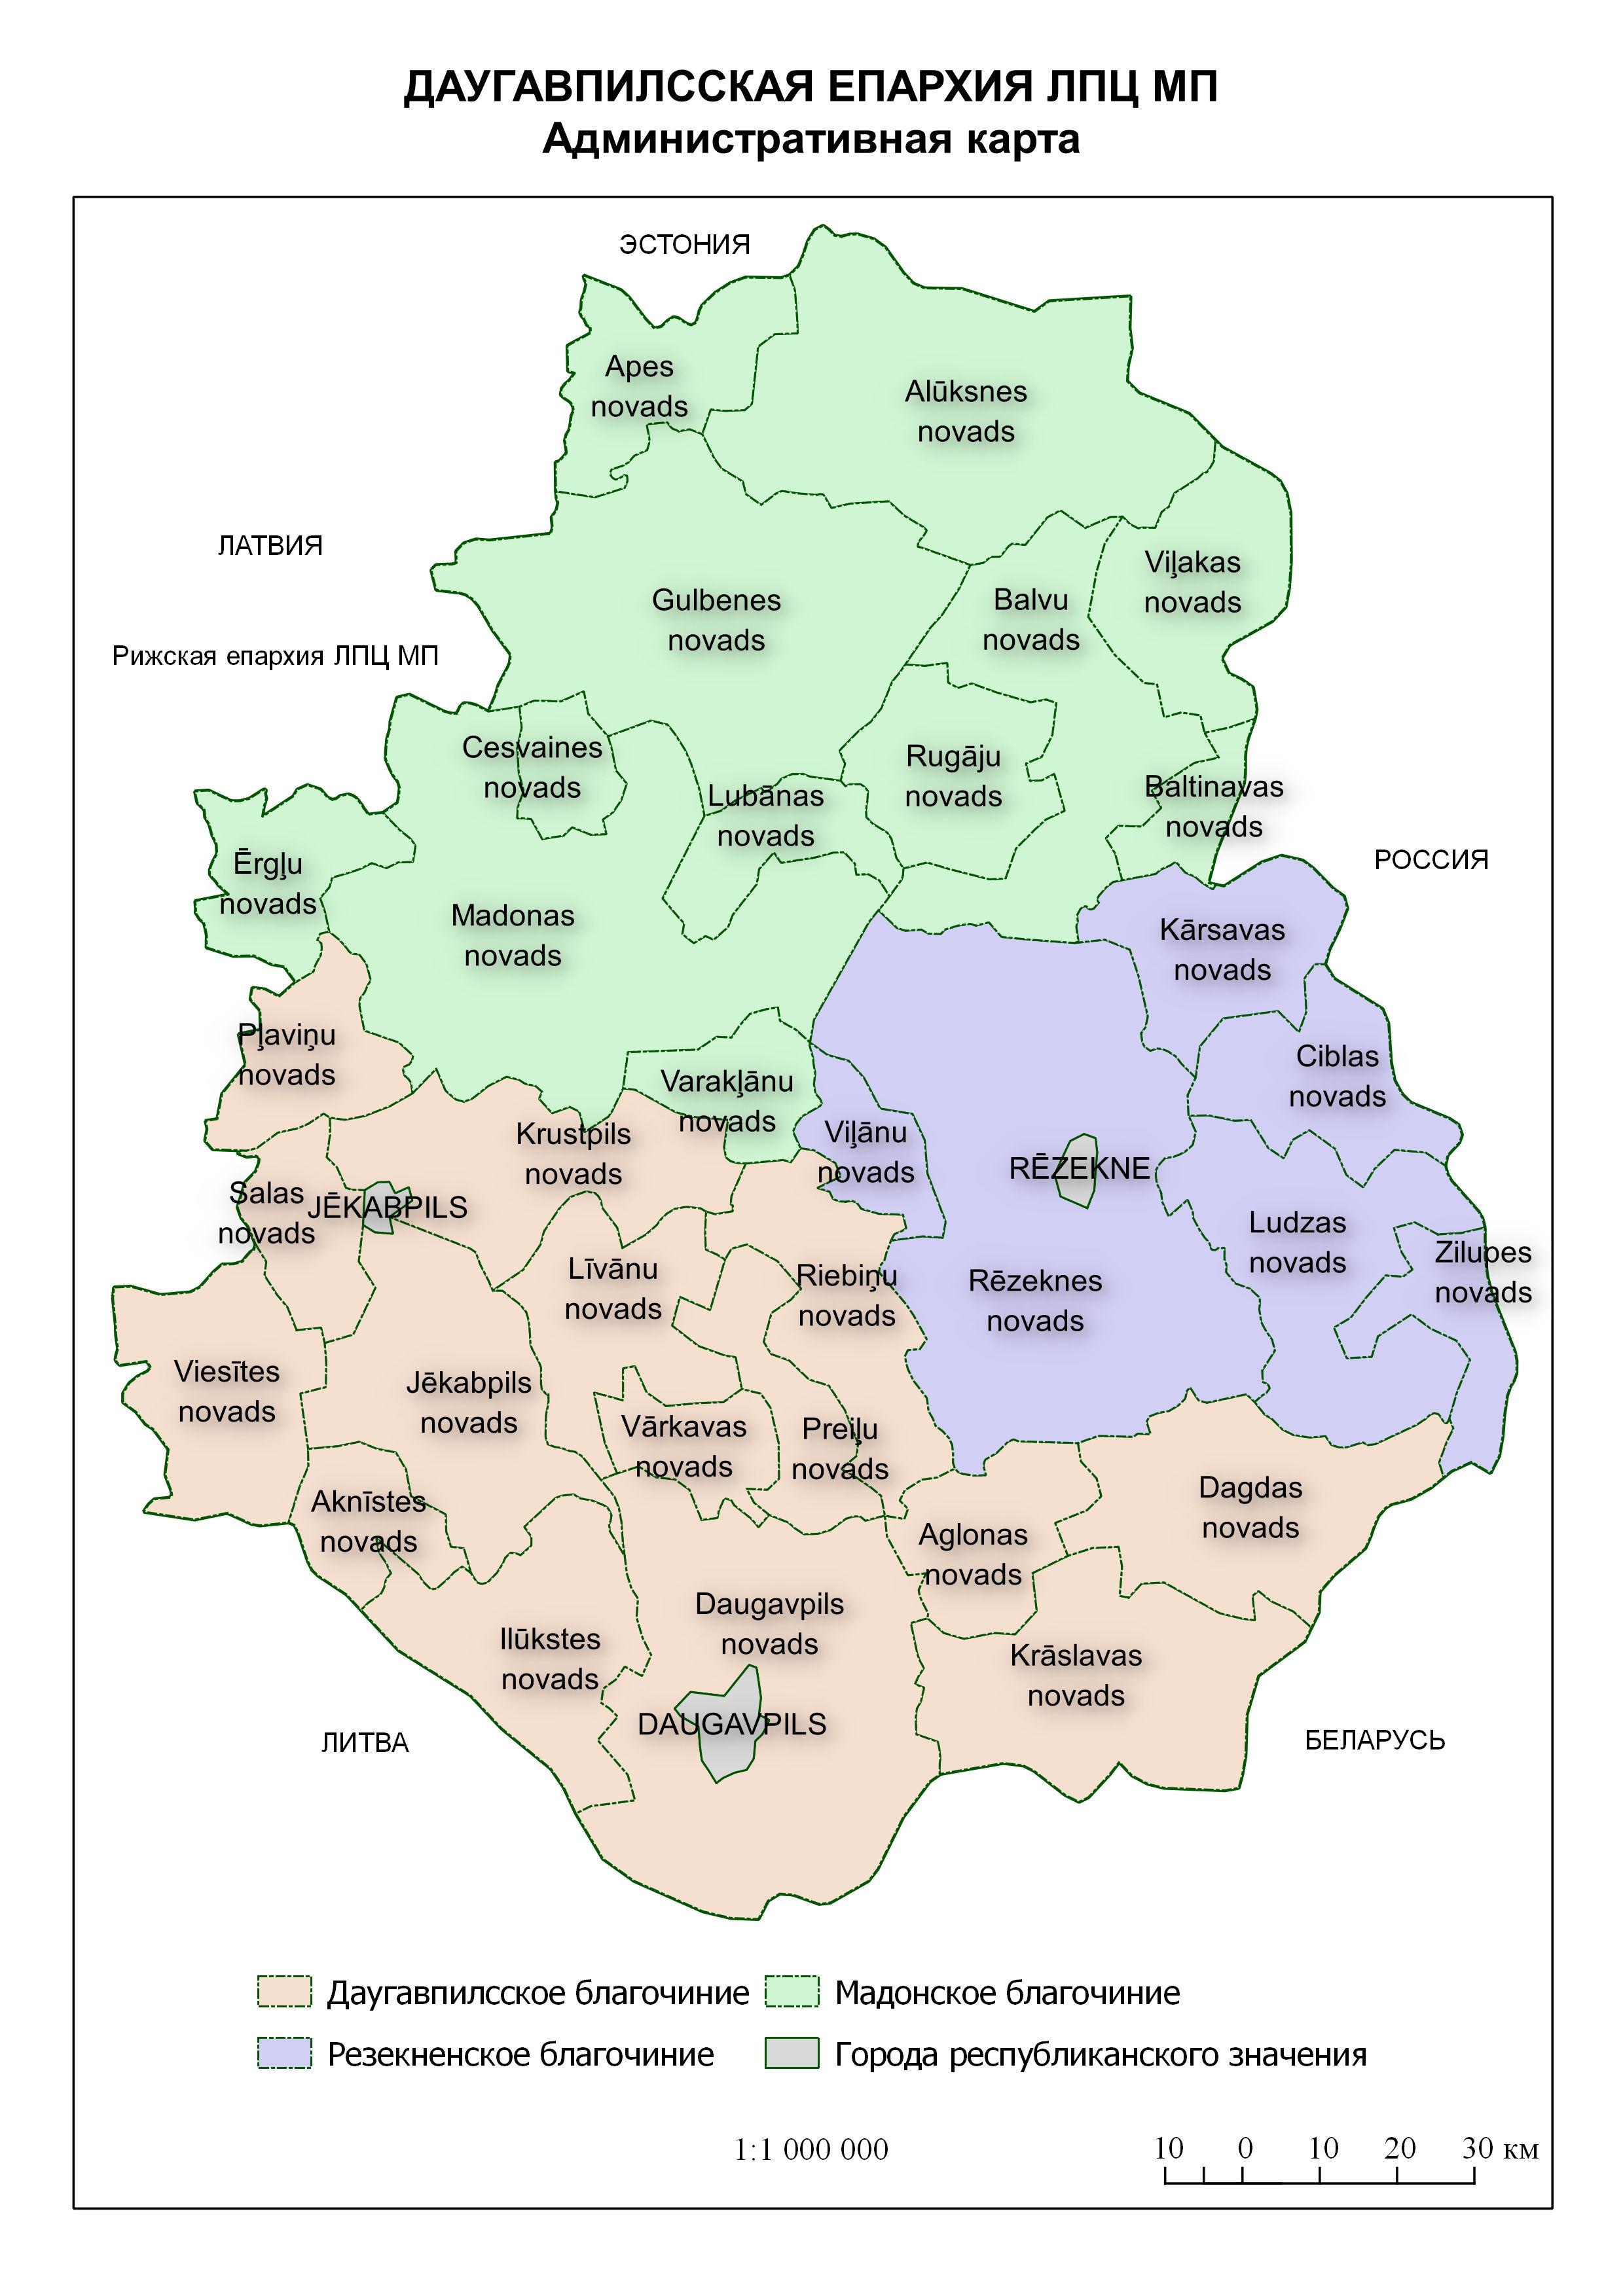 Карта административного деления Даугавпилсской епархии